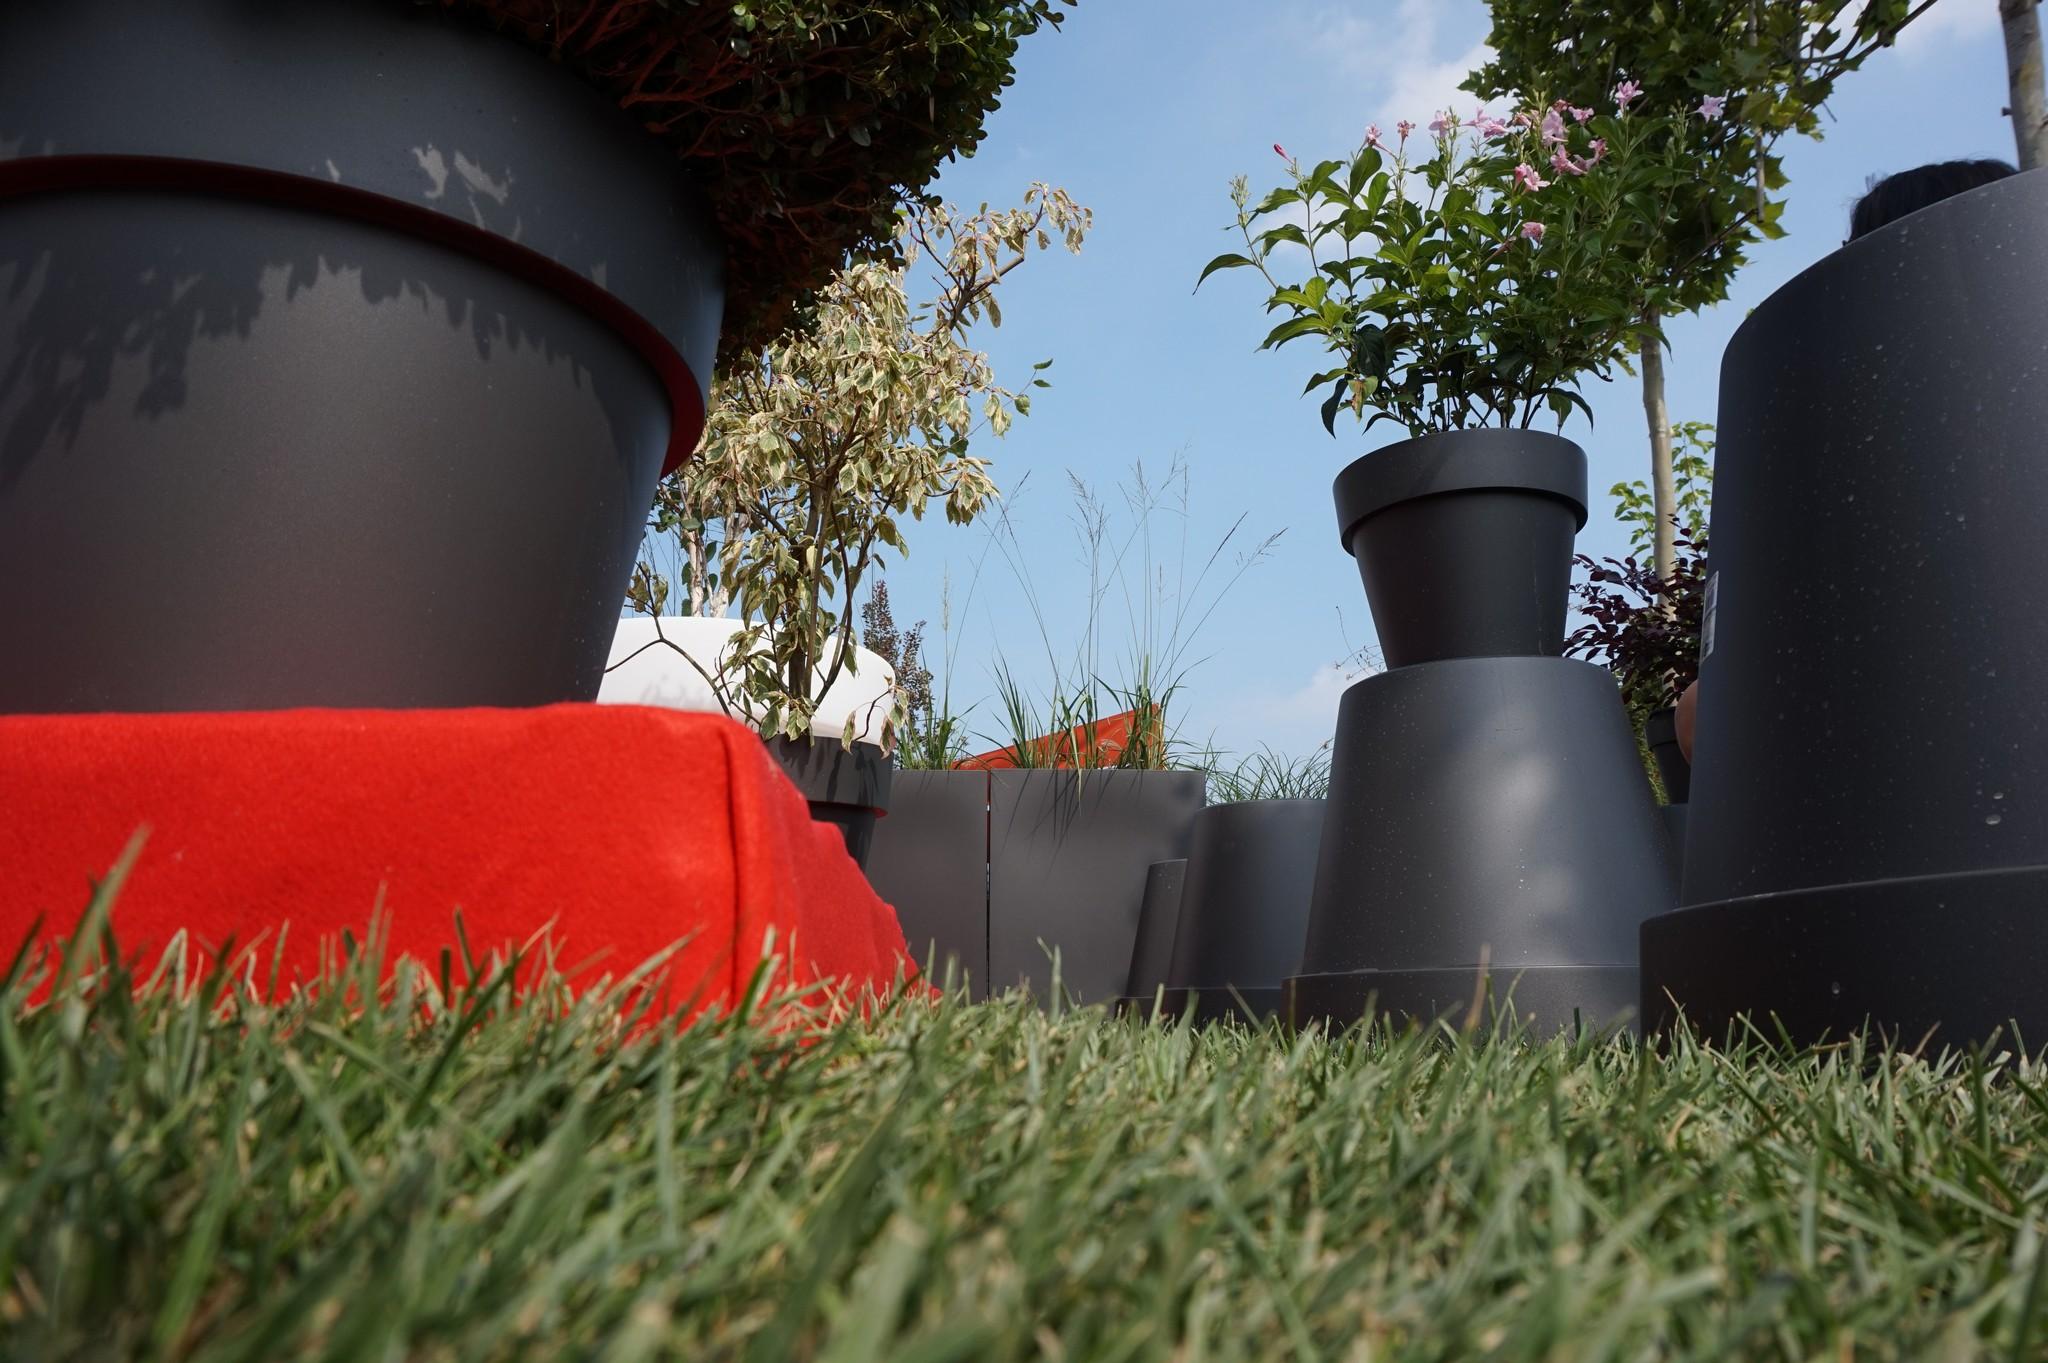 Concorso giardini Verdeggiando_109 Fashion Green Parade (7GKW3) DM Landscape Marica Succi e Domenico Dipinto